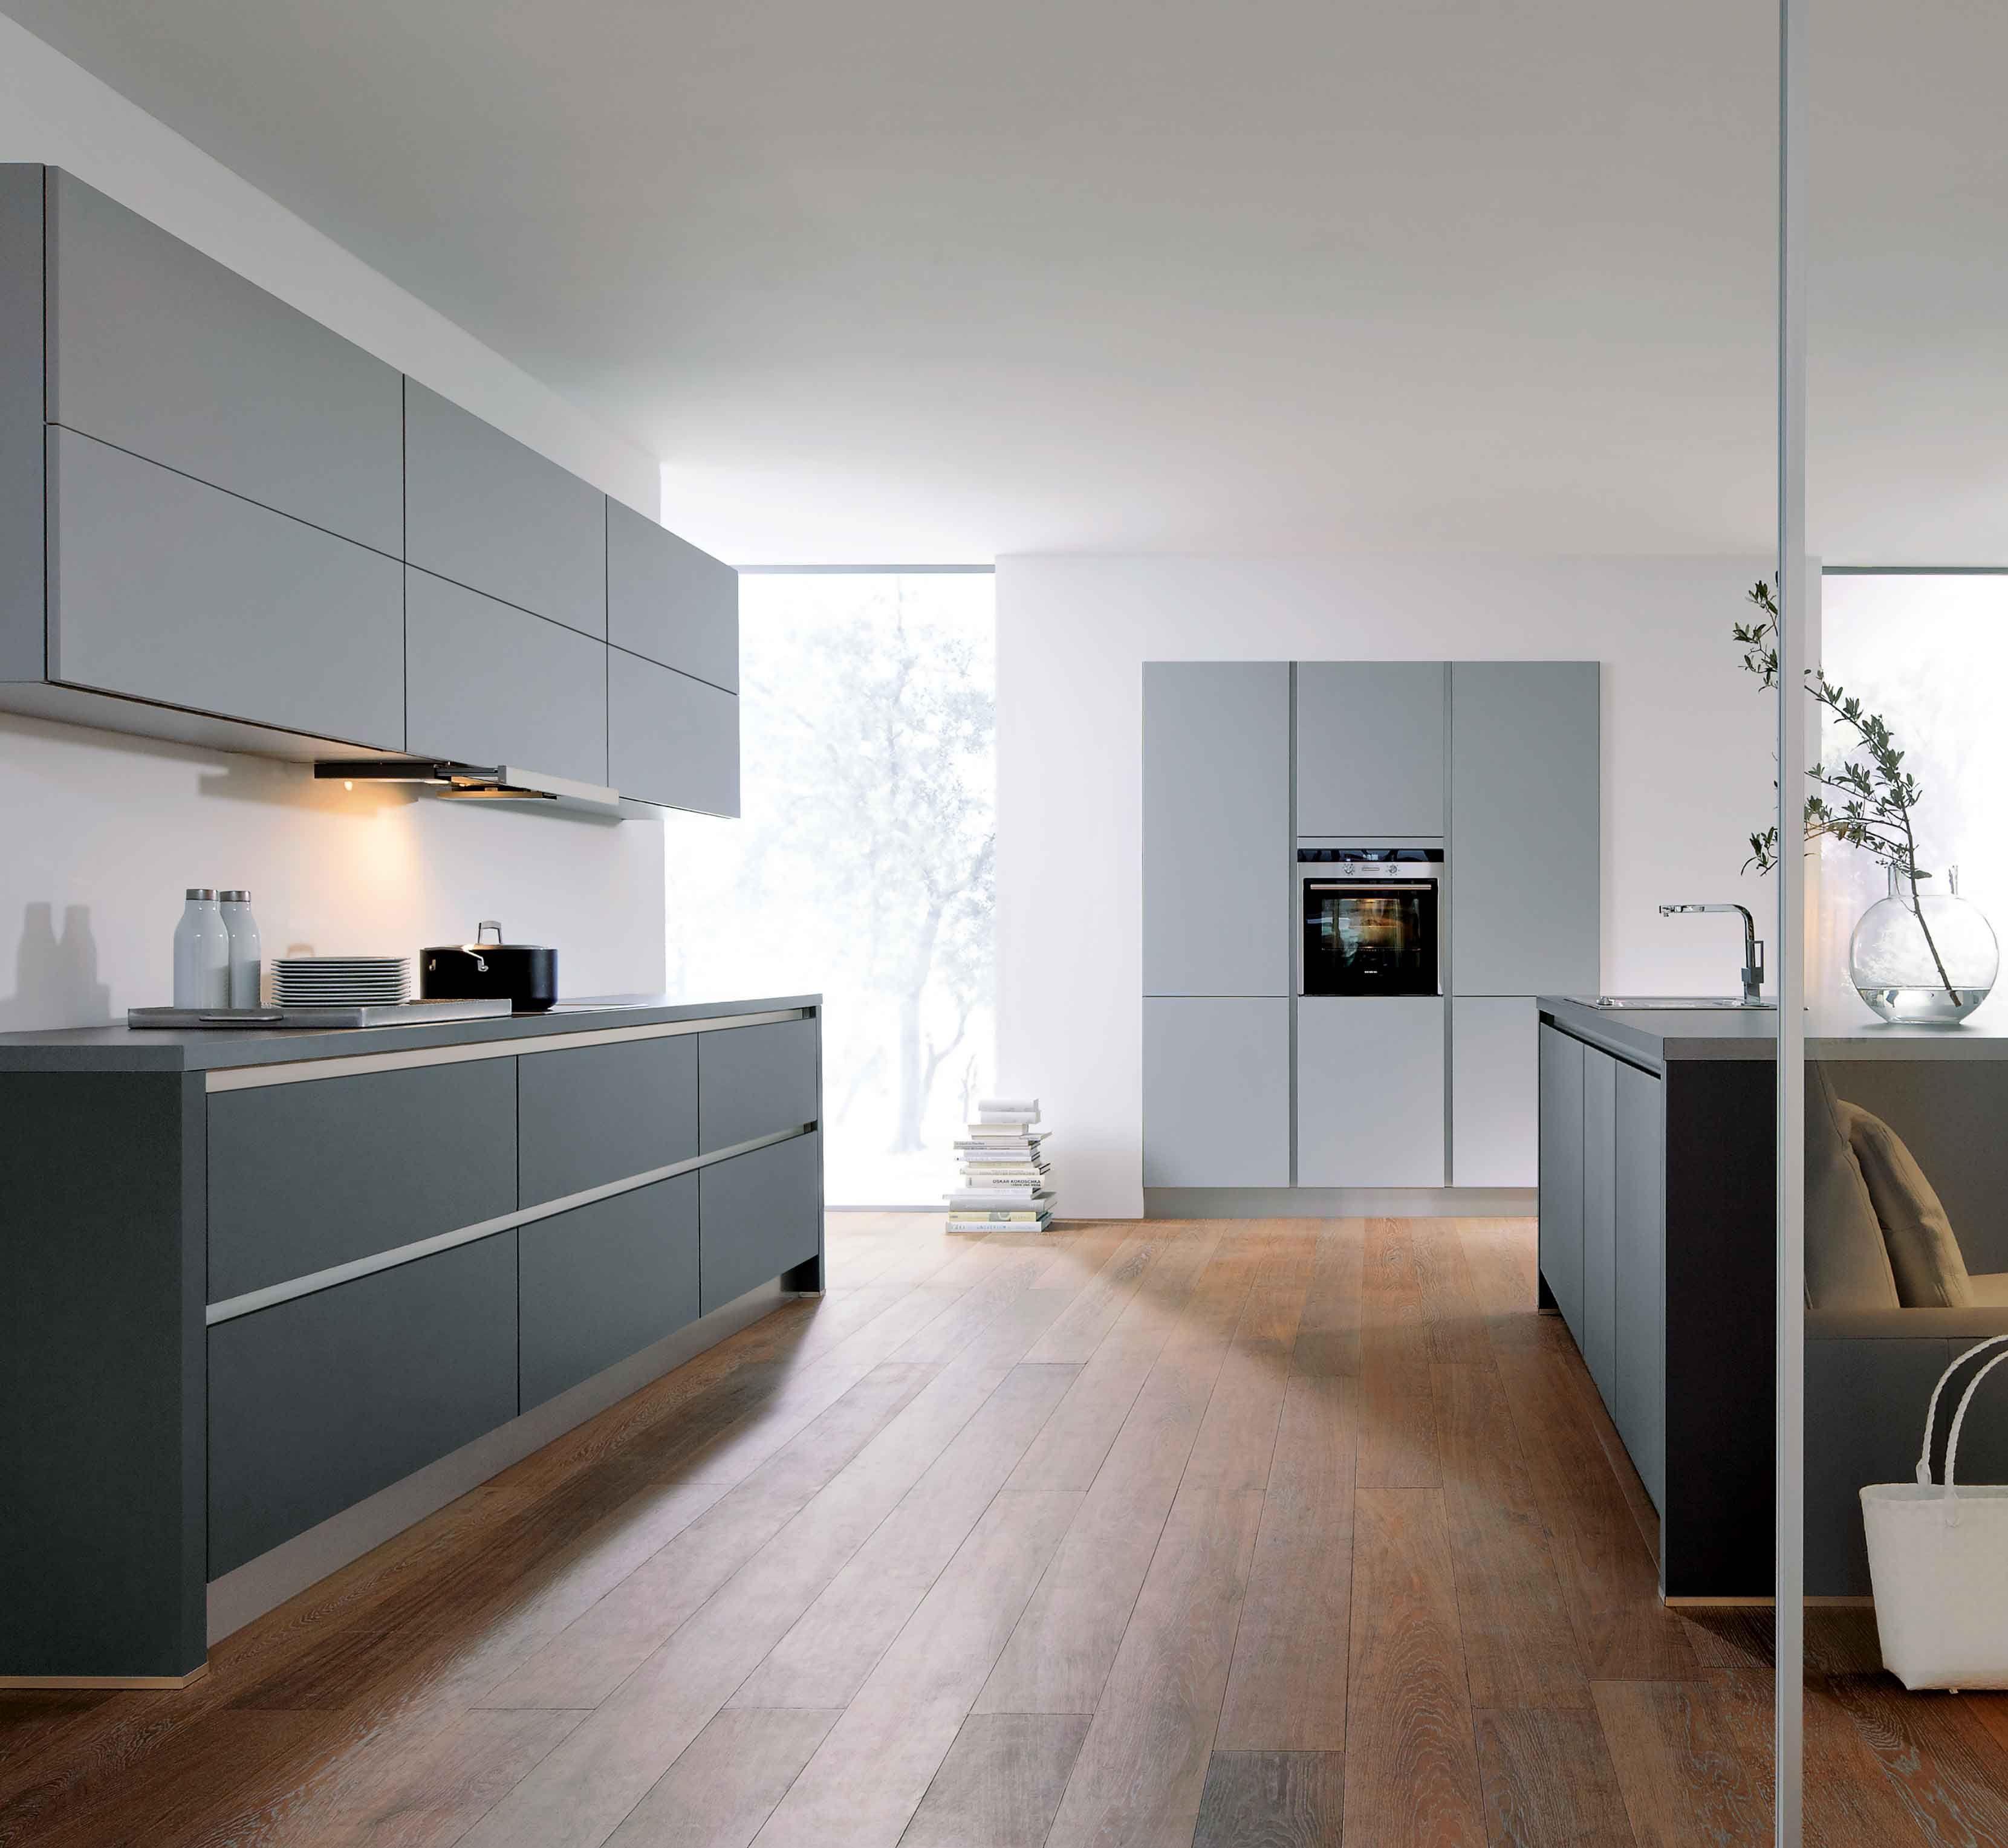 Modern German Kitchens Schmid Kitchens London Handleless Kitchen Modern Kitchen Design German Kitchen Design